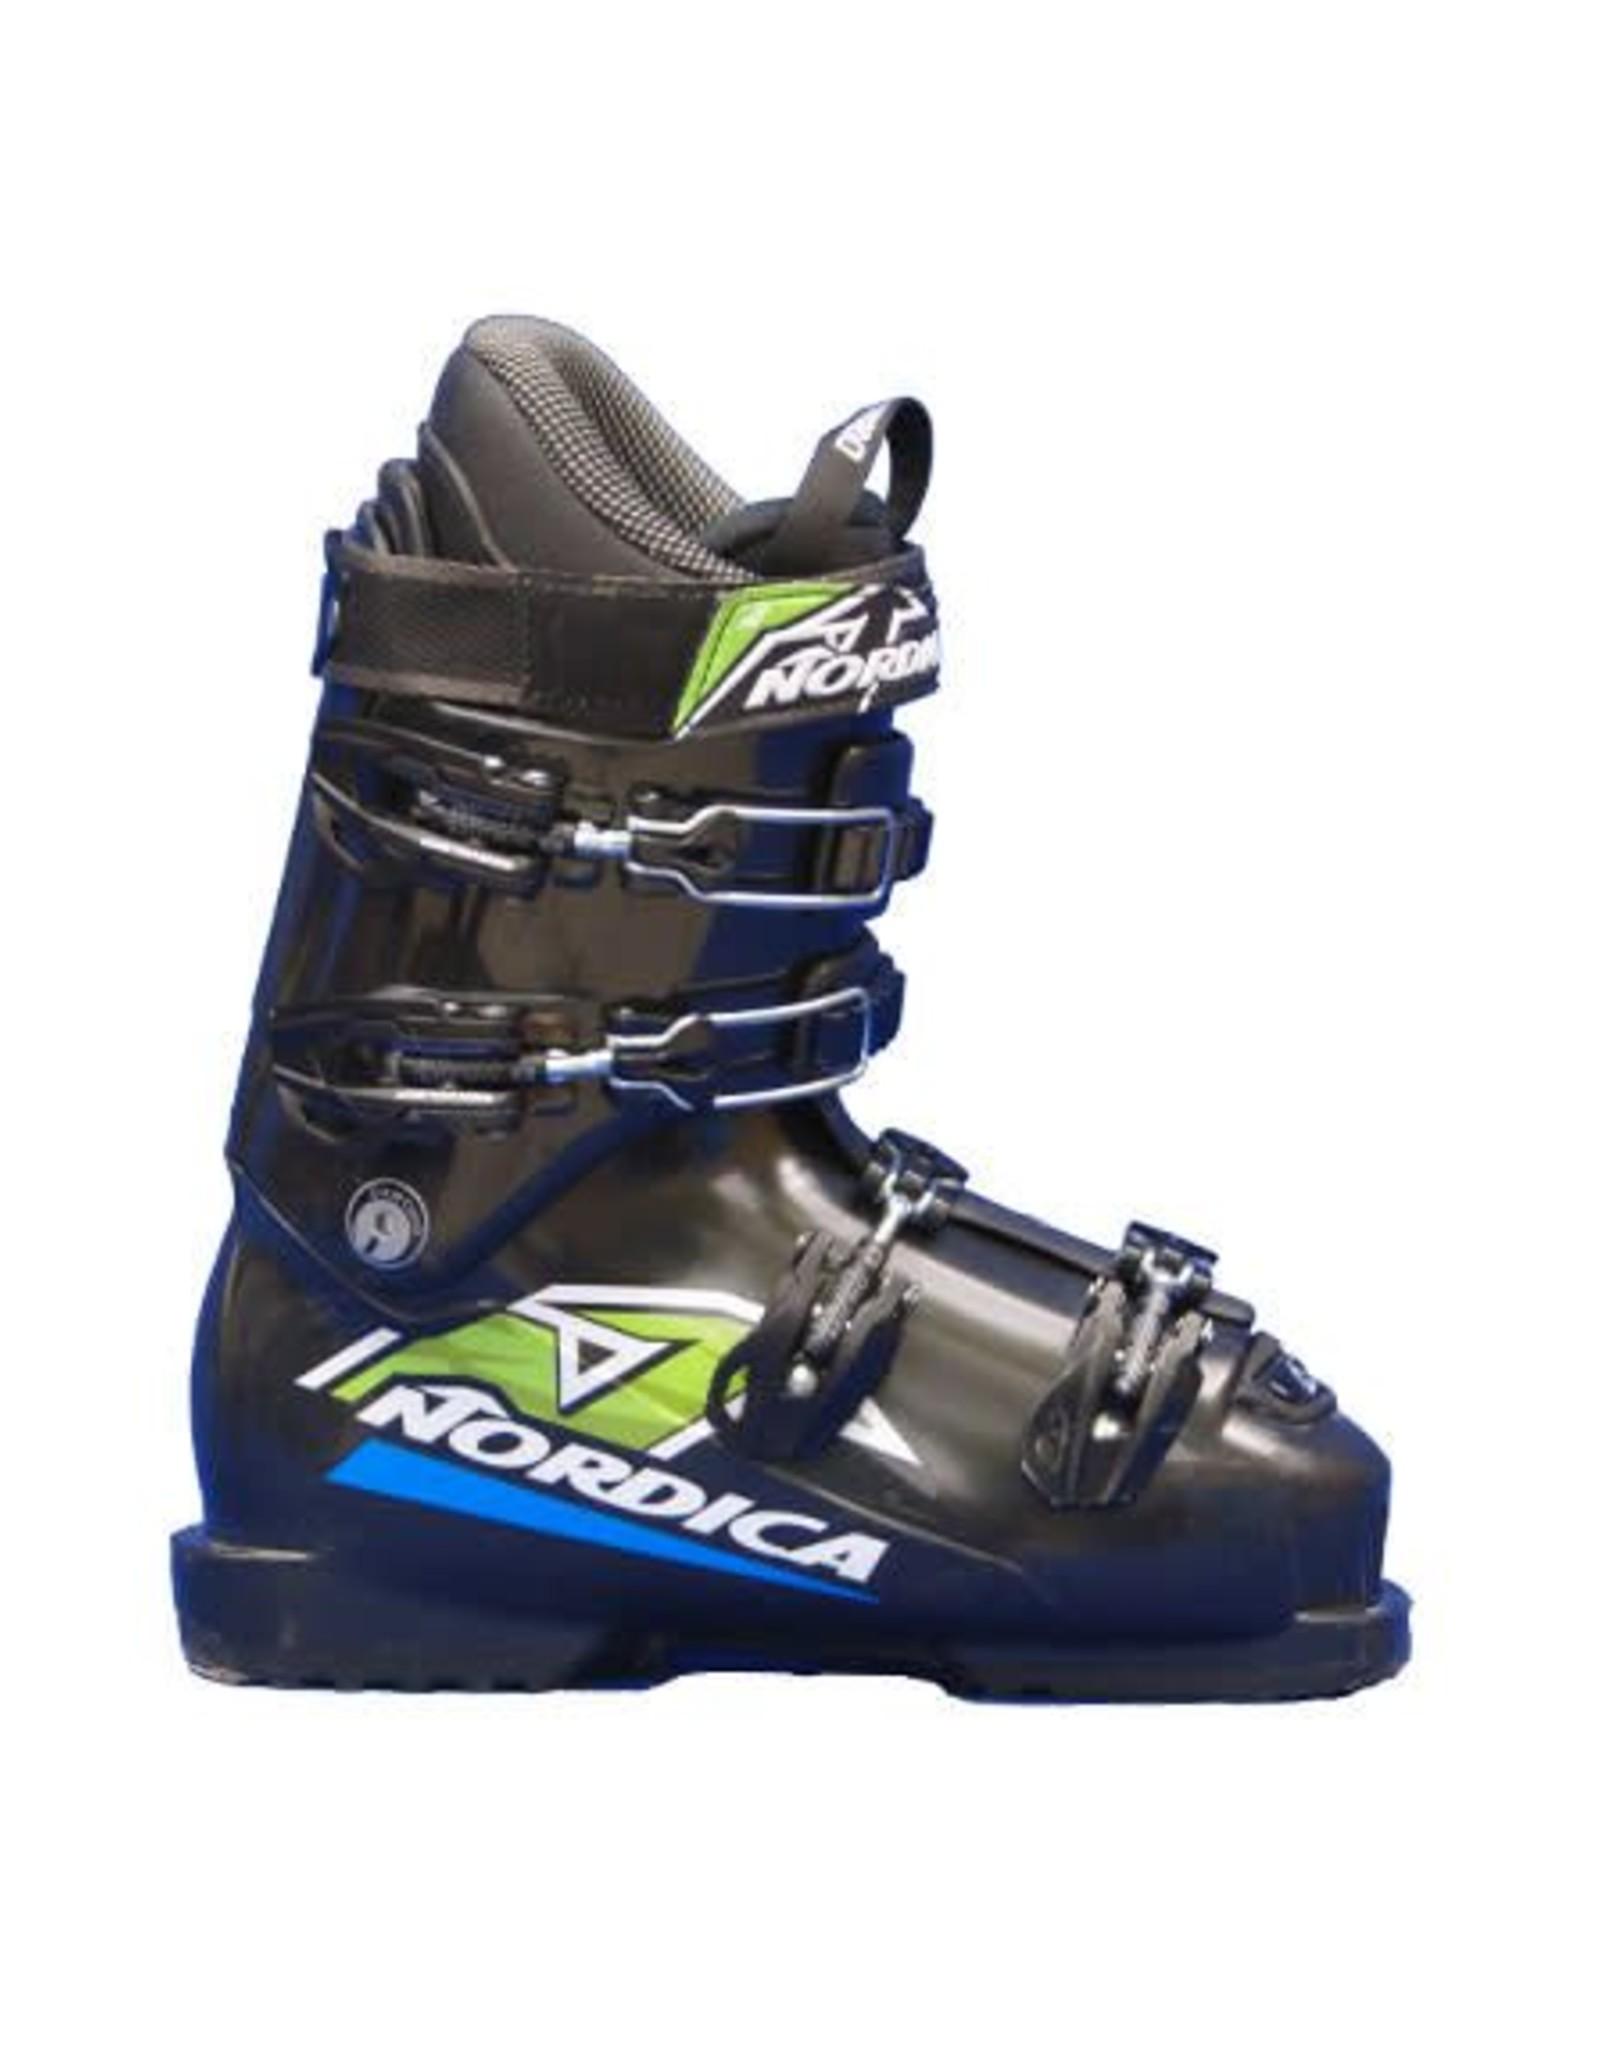 NORDICA Skischoenen NORDICA Dobermann Team Gebruikt